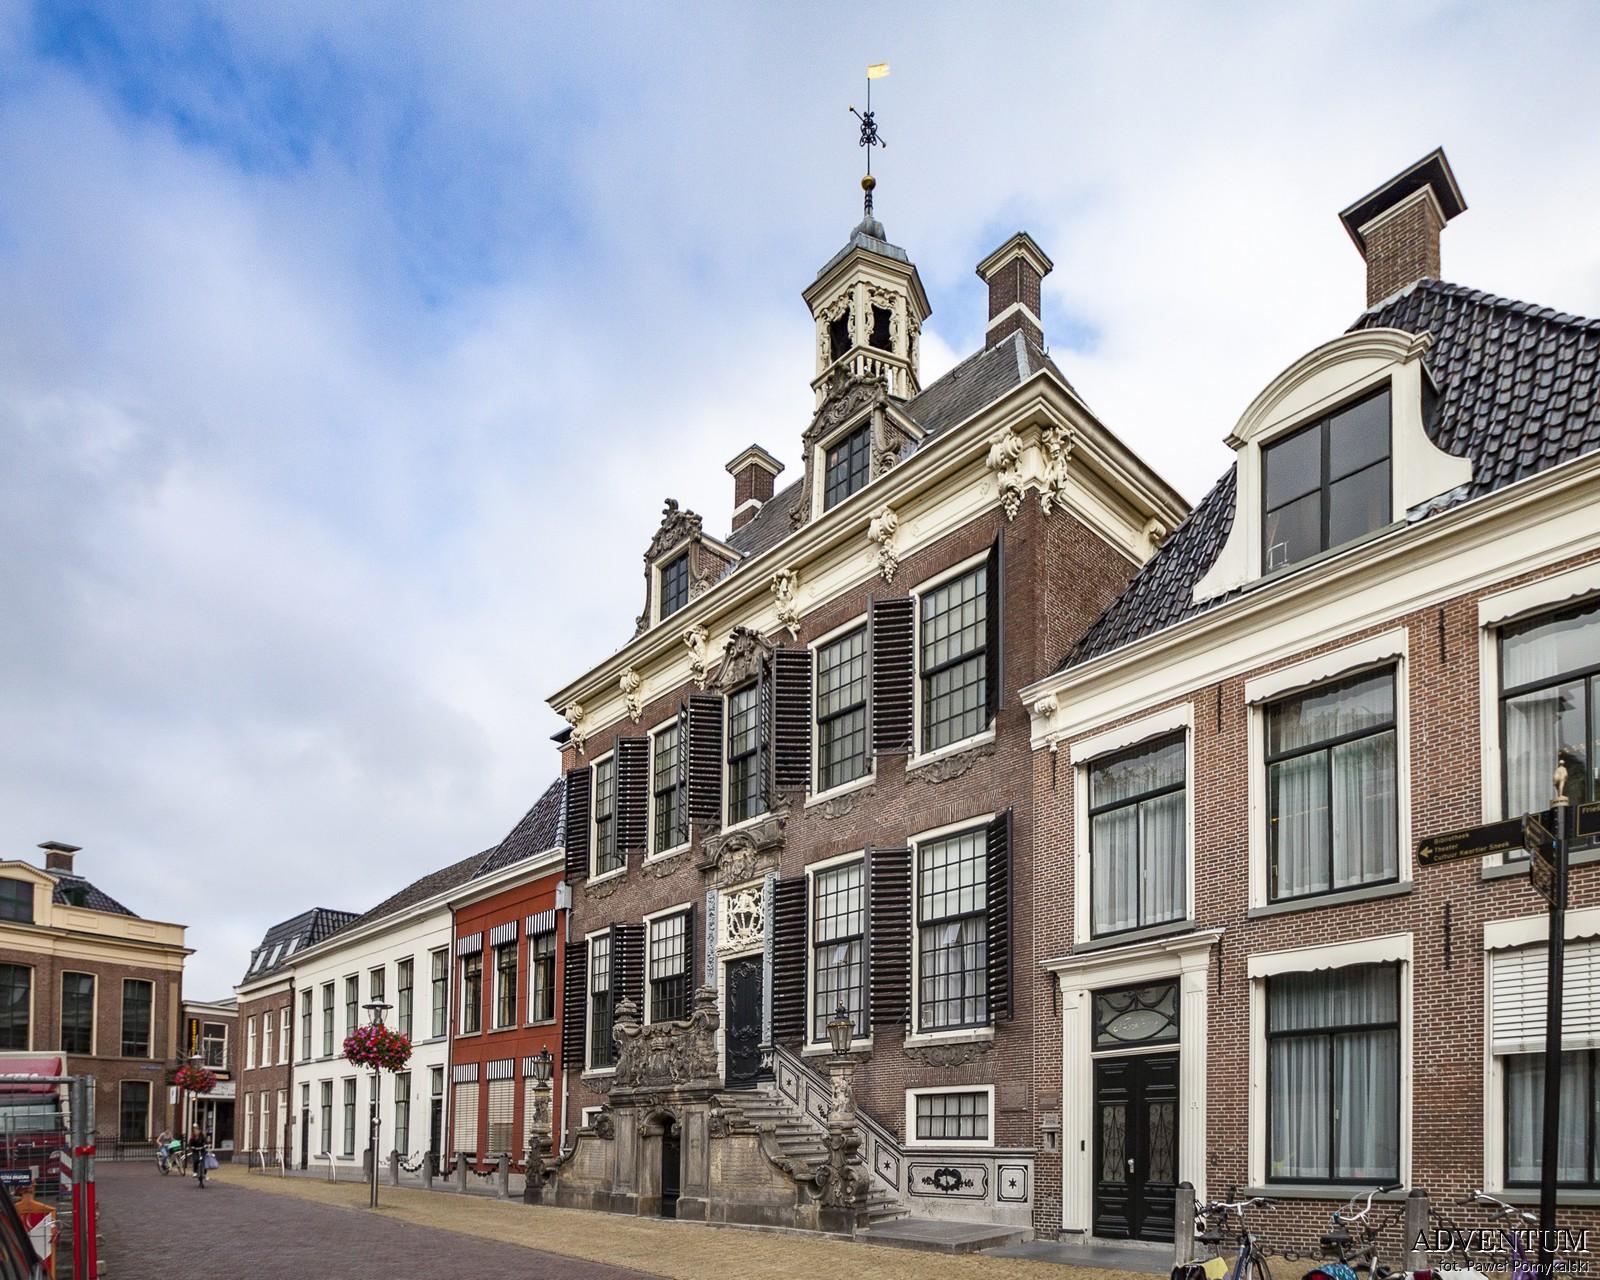 Holandia Sneek Atrakcje Zwiedzanie co Zobaczyć Amsterdam Rotterdam Haga Kanały Wiatraki